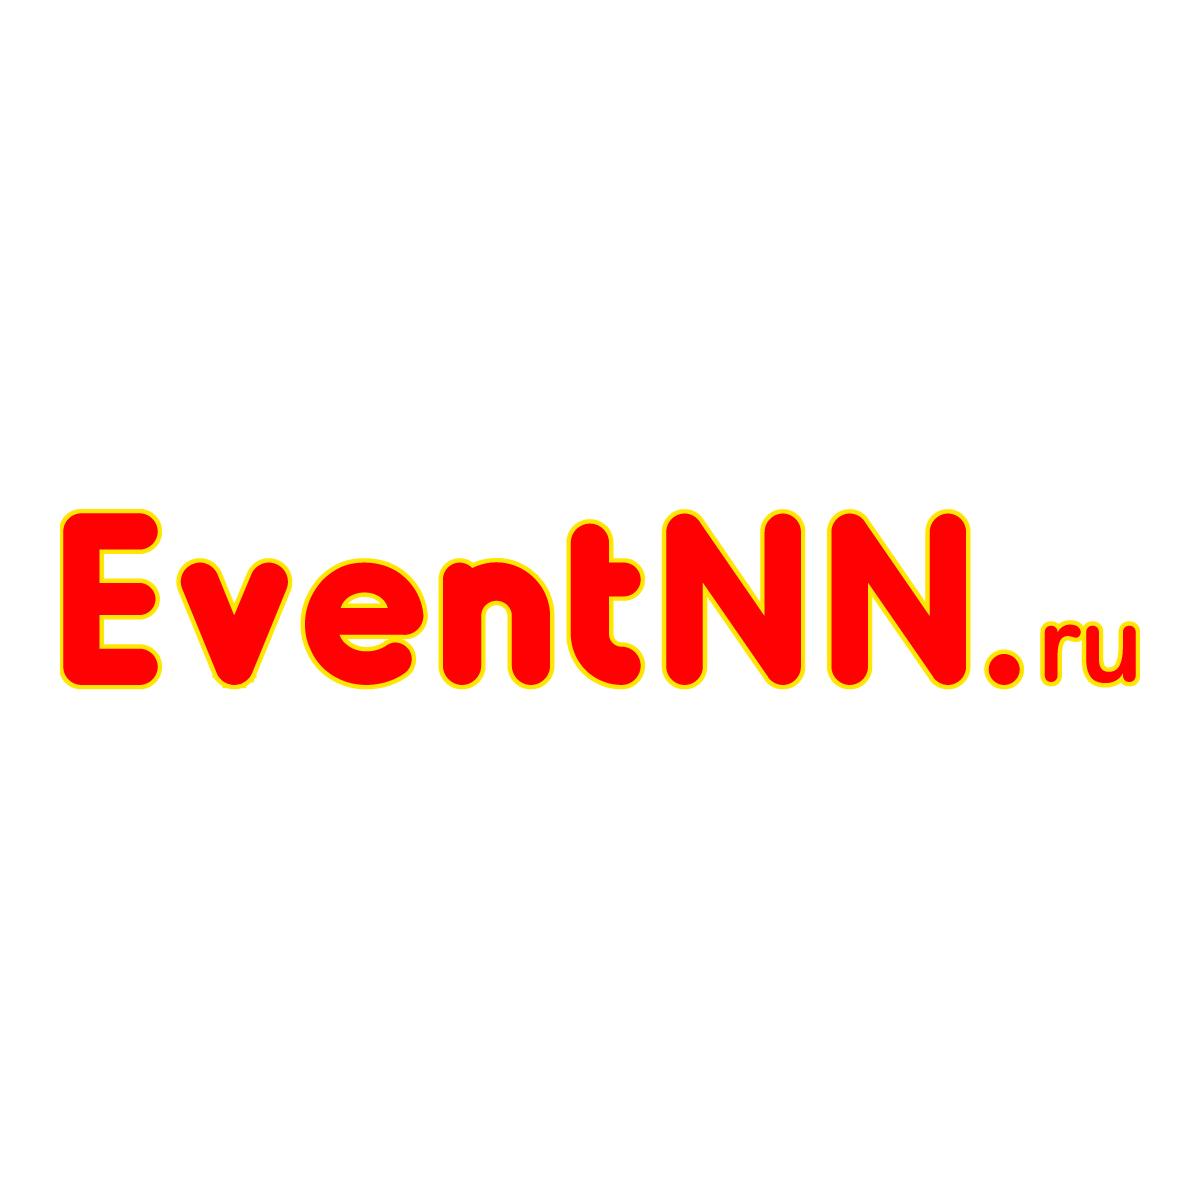 Работа в компании «ИвентНН» в Нижнего Новгорода